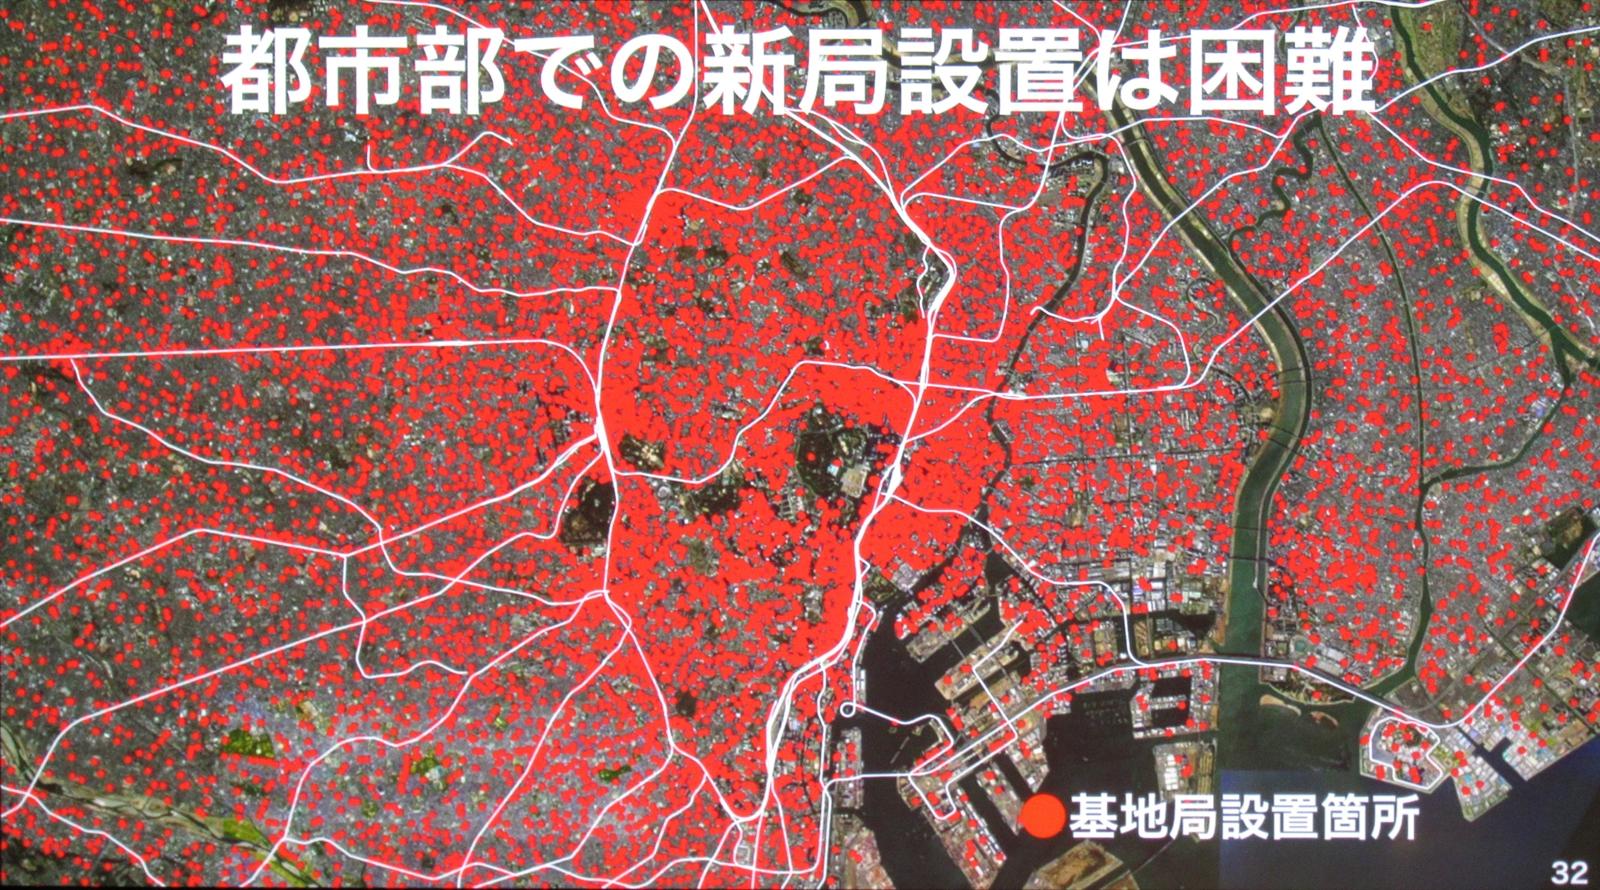 現在の基地局配置図。特に都市部は過密状態で5G用に基地局を増やすのが困難という